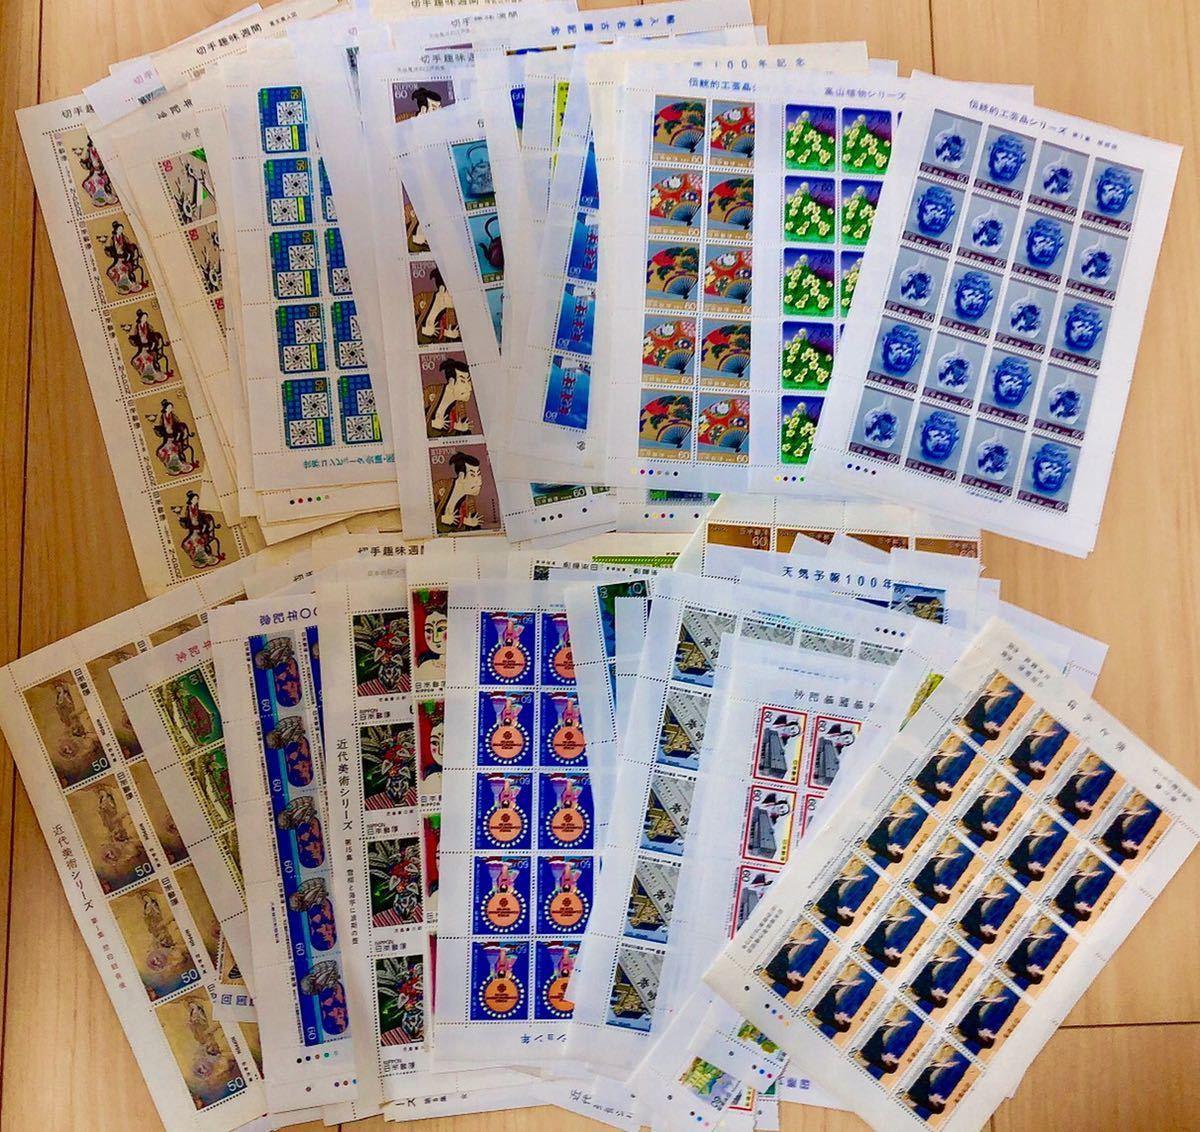 未使用切手 272425円分 シート バラ まとめ売り 大量 普通郵便 記念切手